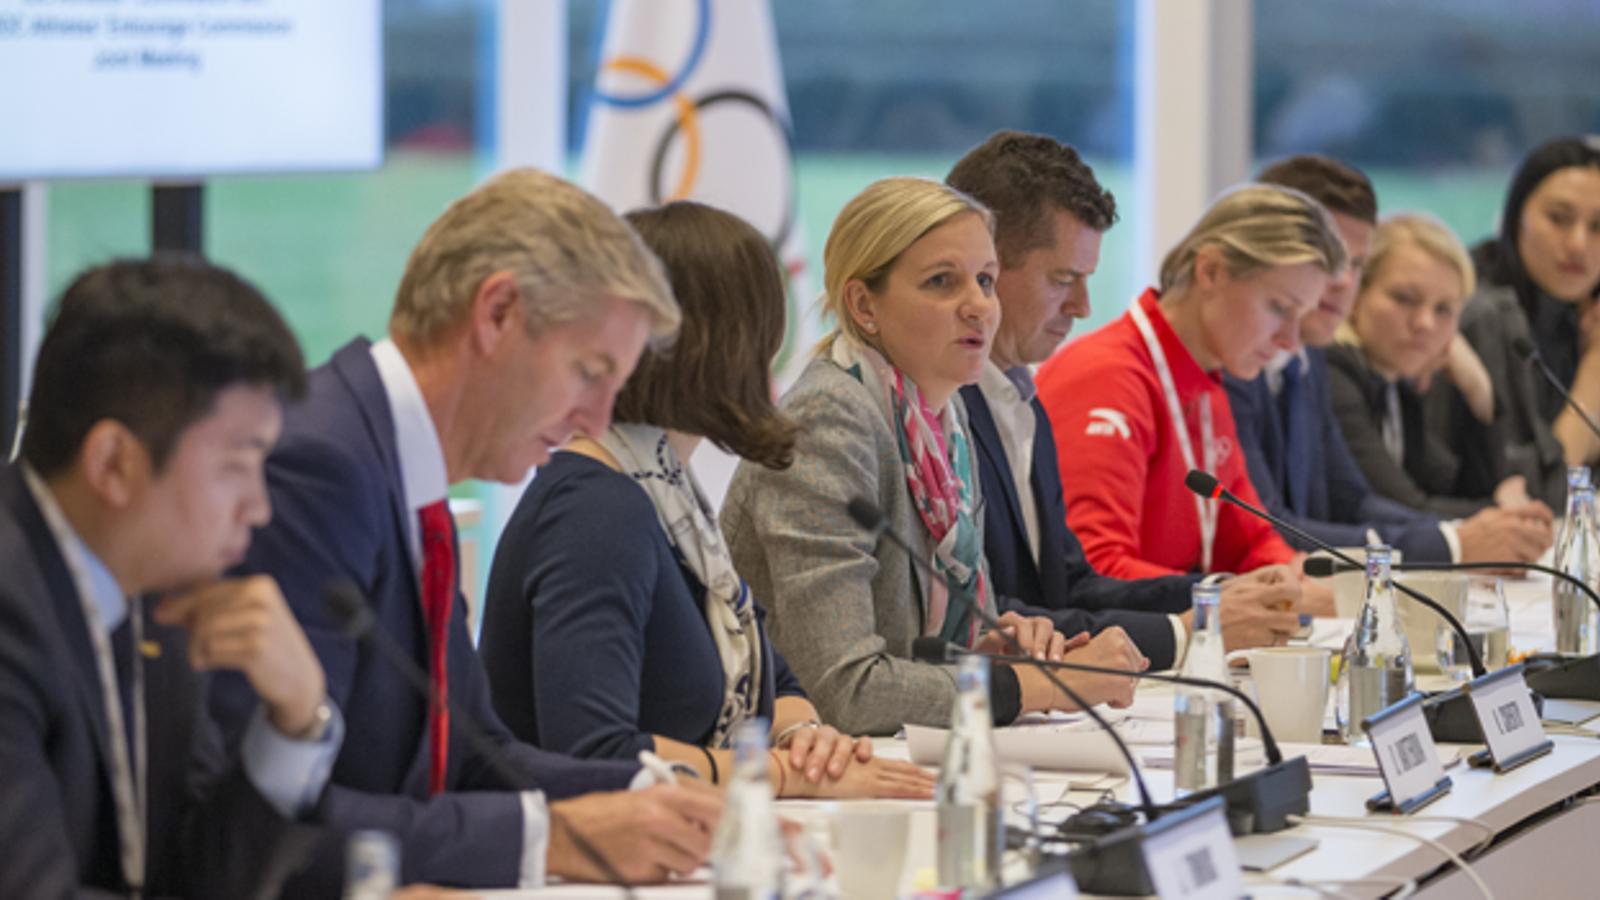 Una reunió de la comissió d'esportistes del Comitè Olímpic Internacional